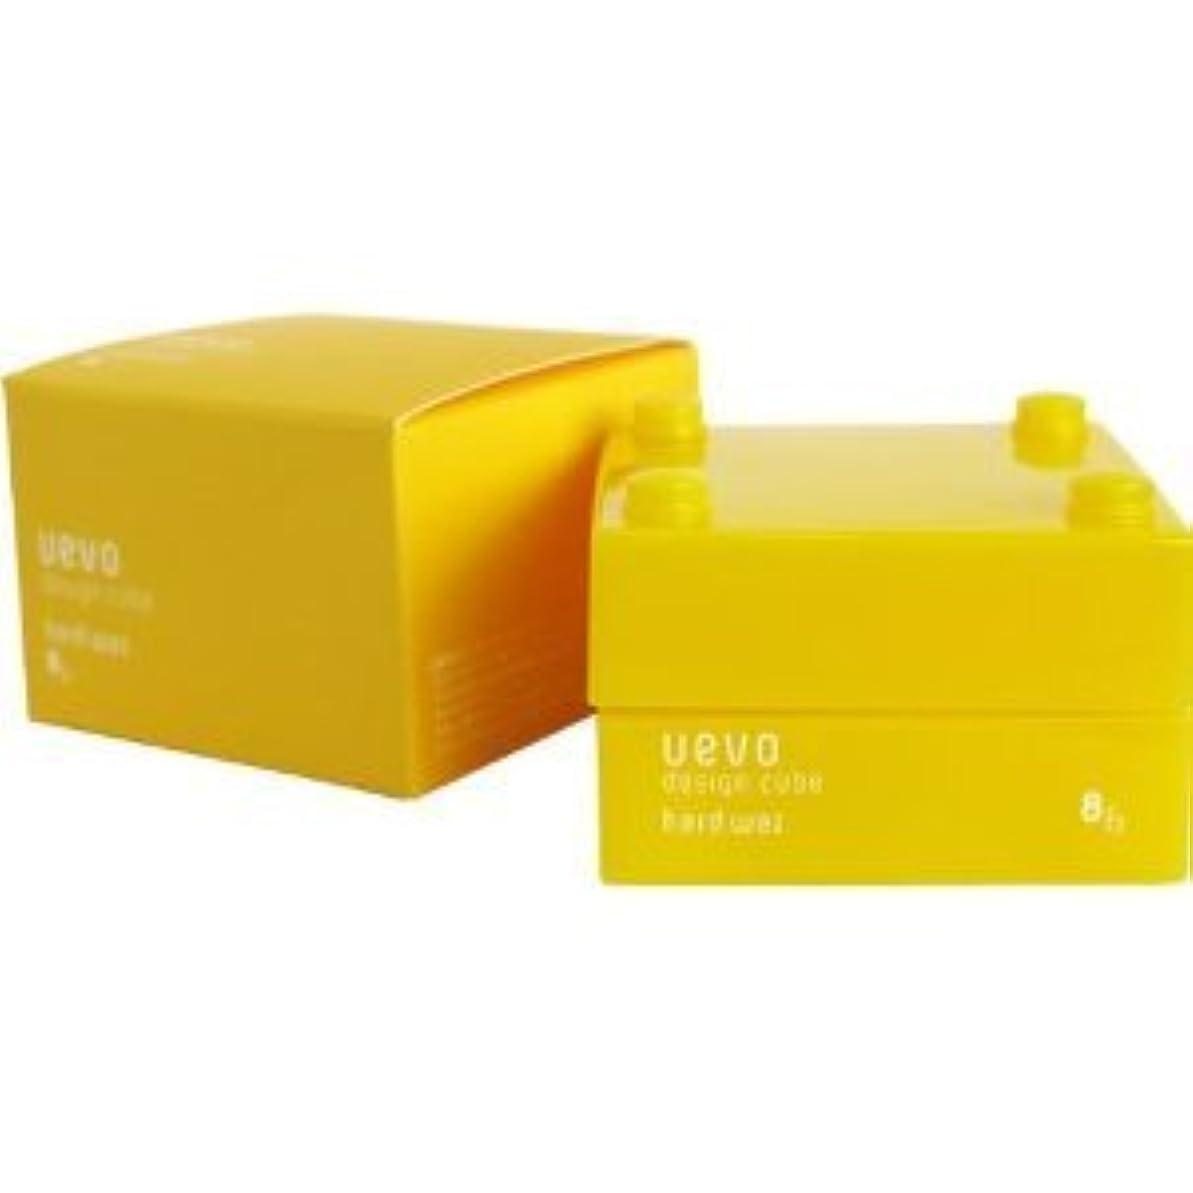 いっぱい寄付守る【X2個セット】 デミ ウェーボ デザインキューブ ハードワックス 30g hard wax DEMI uevo design cube